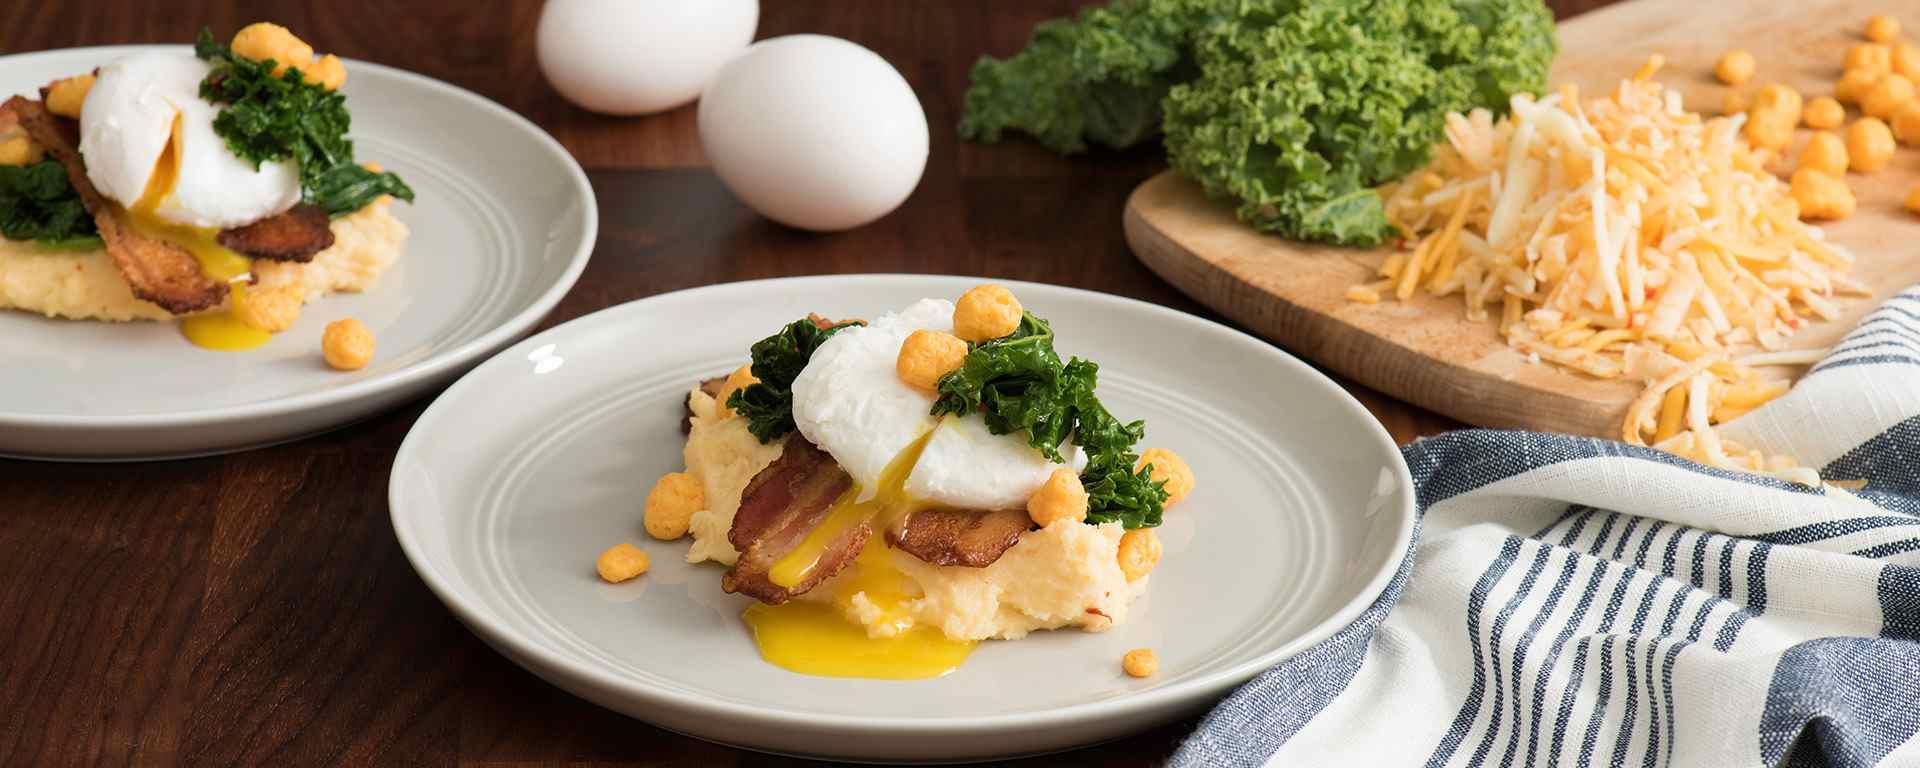 Photo for - Gruau de maïs fromagé avec œuf poché, légumes verts épicés et bacon au poivre